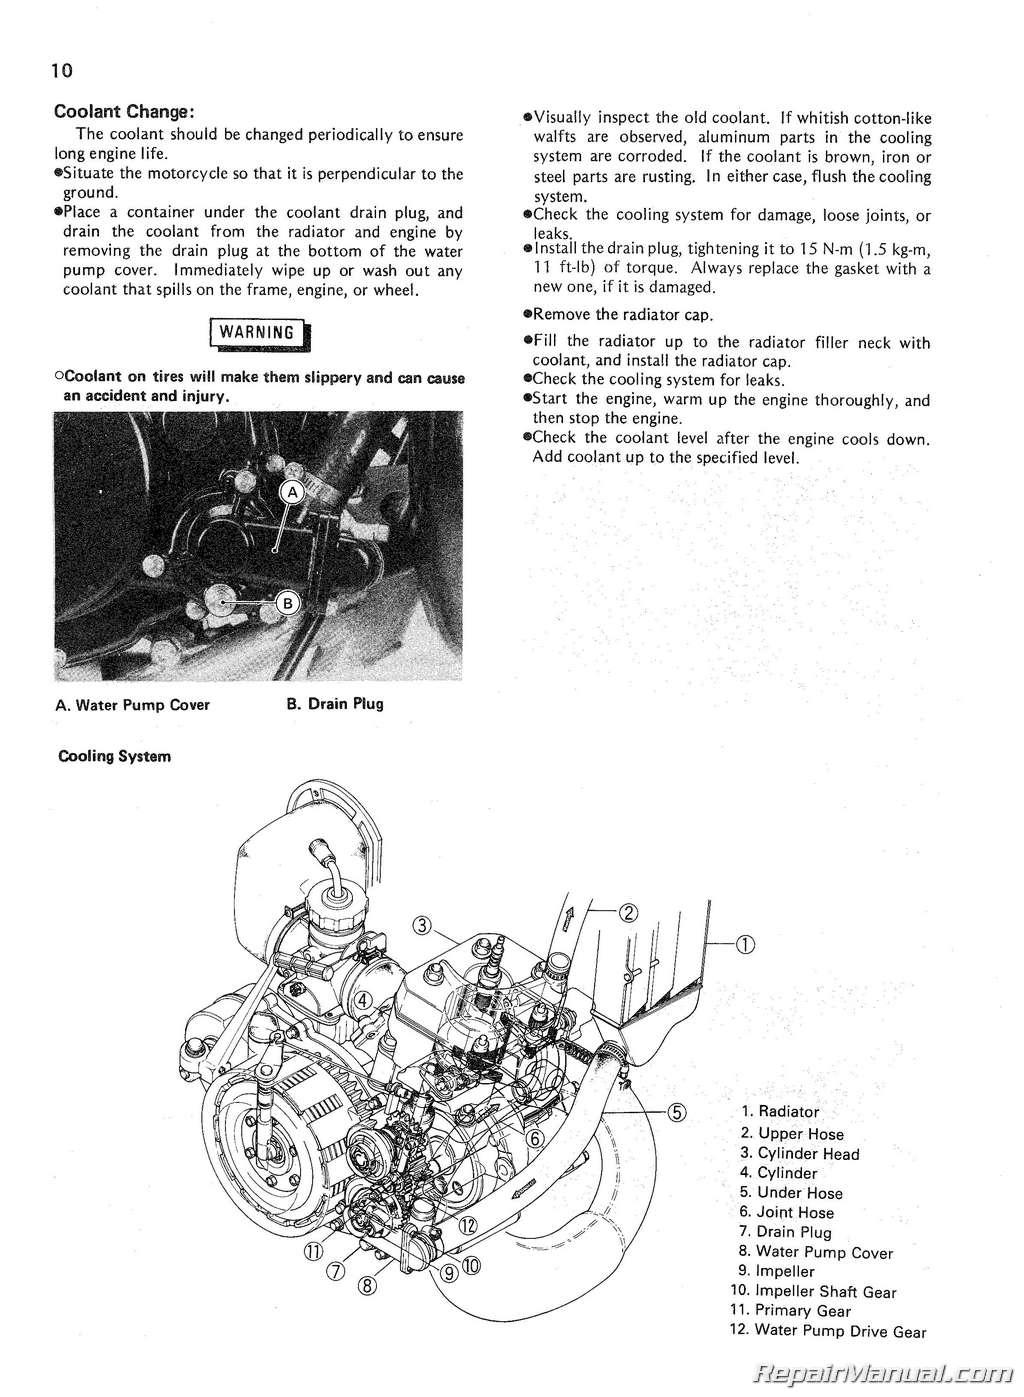 1985 Kawasaki KX125D1 Service Manual